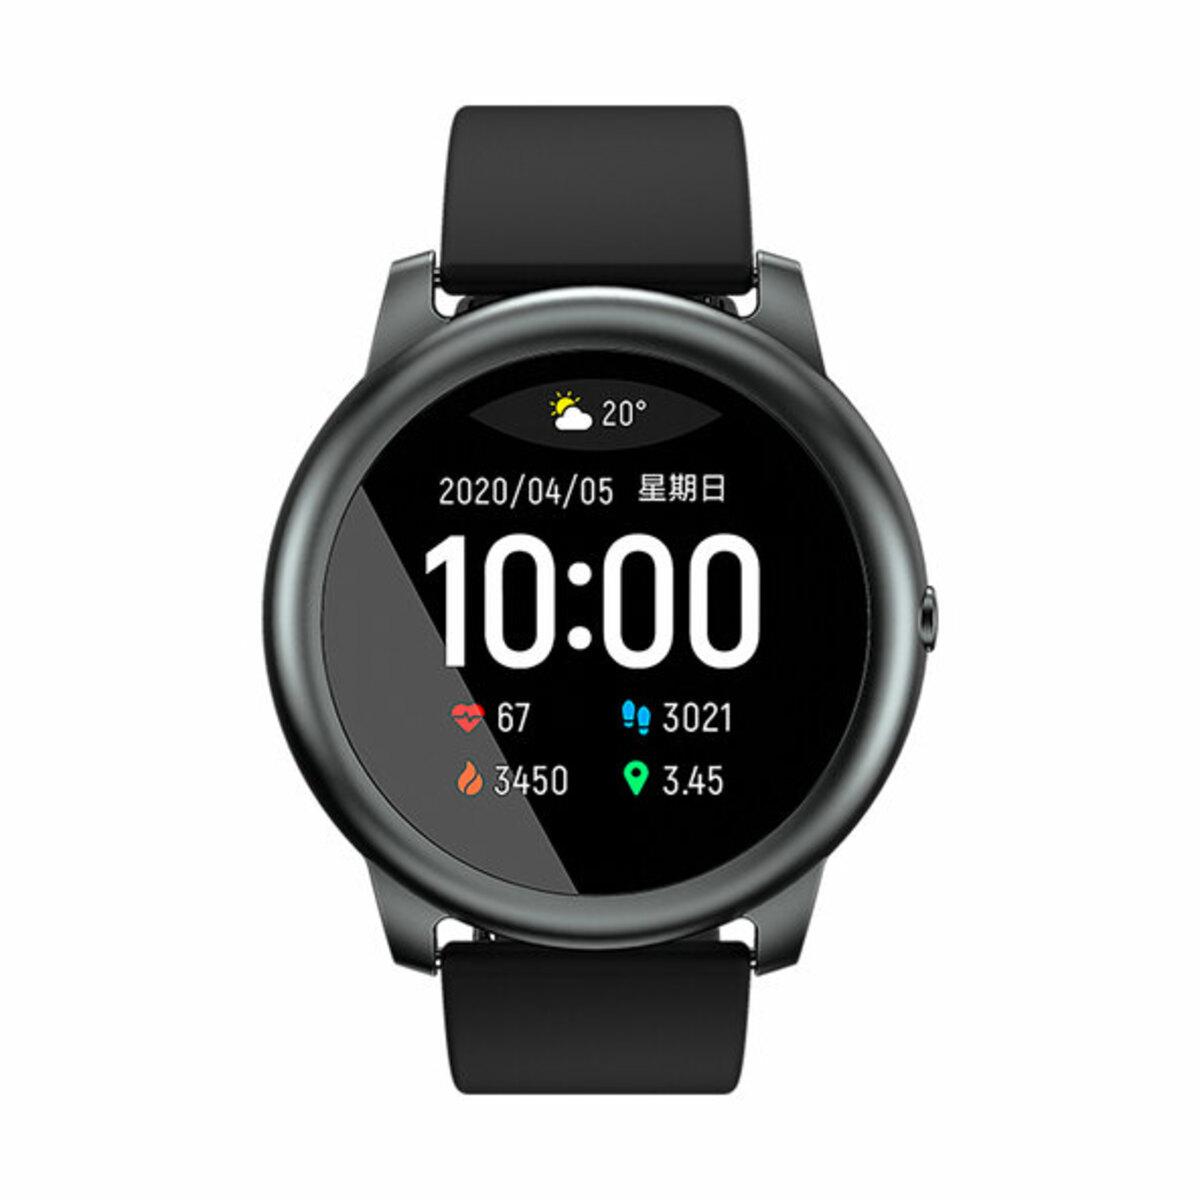 Bild 3 von Smartwatch LS05